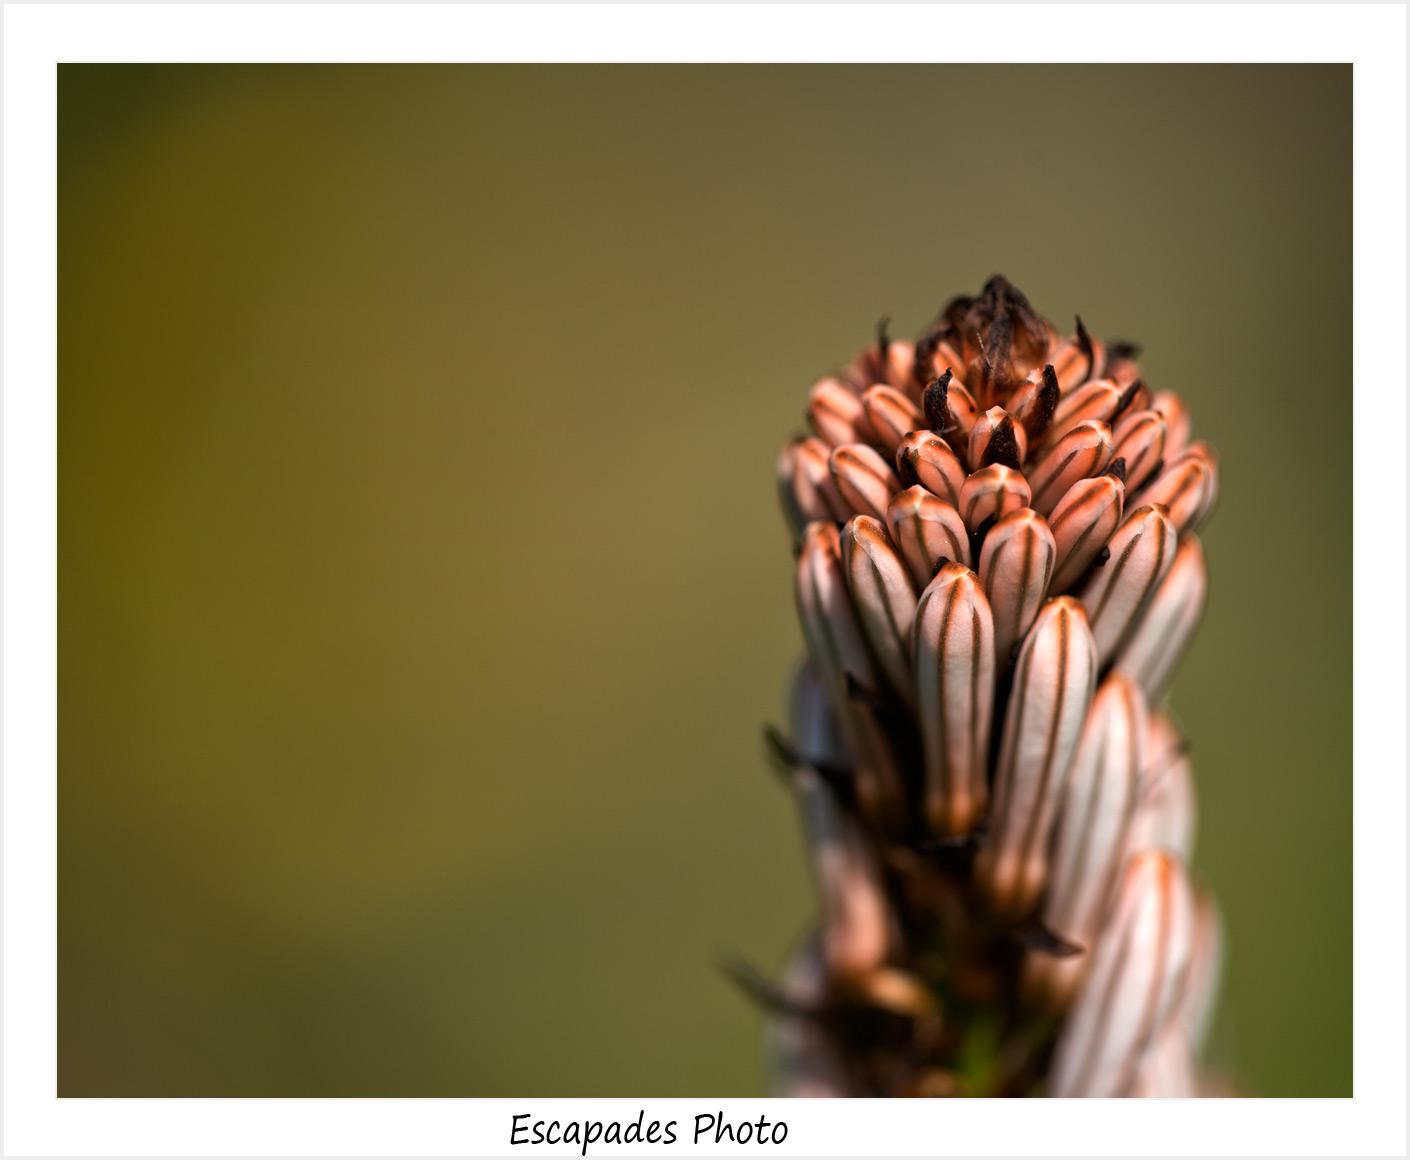 Abeille en survol de fleurs d'Asphodèle